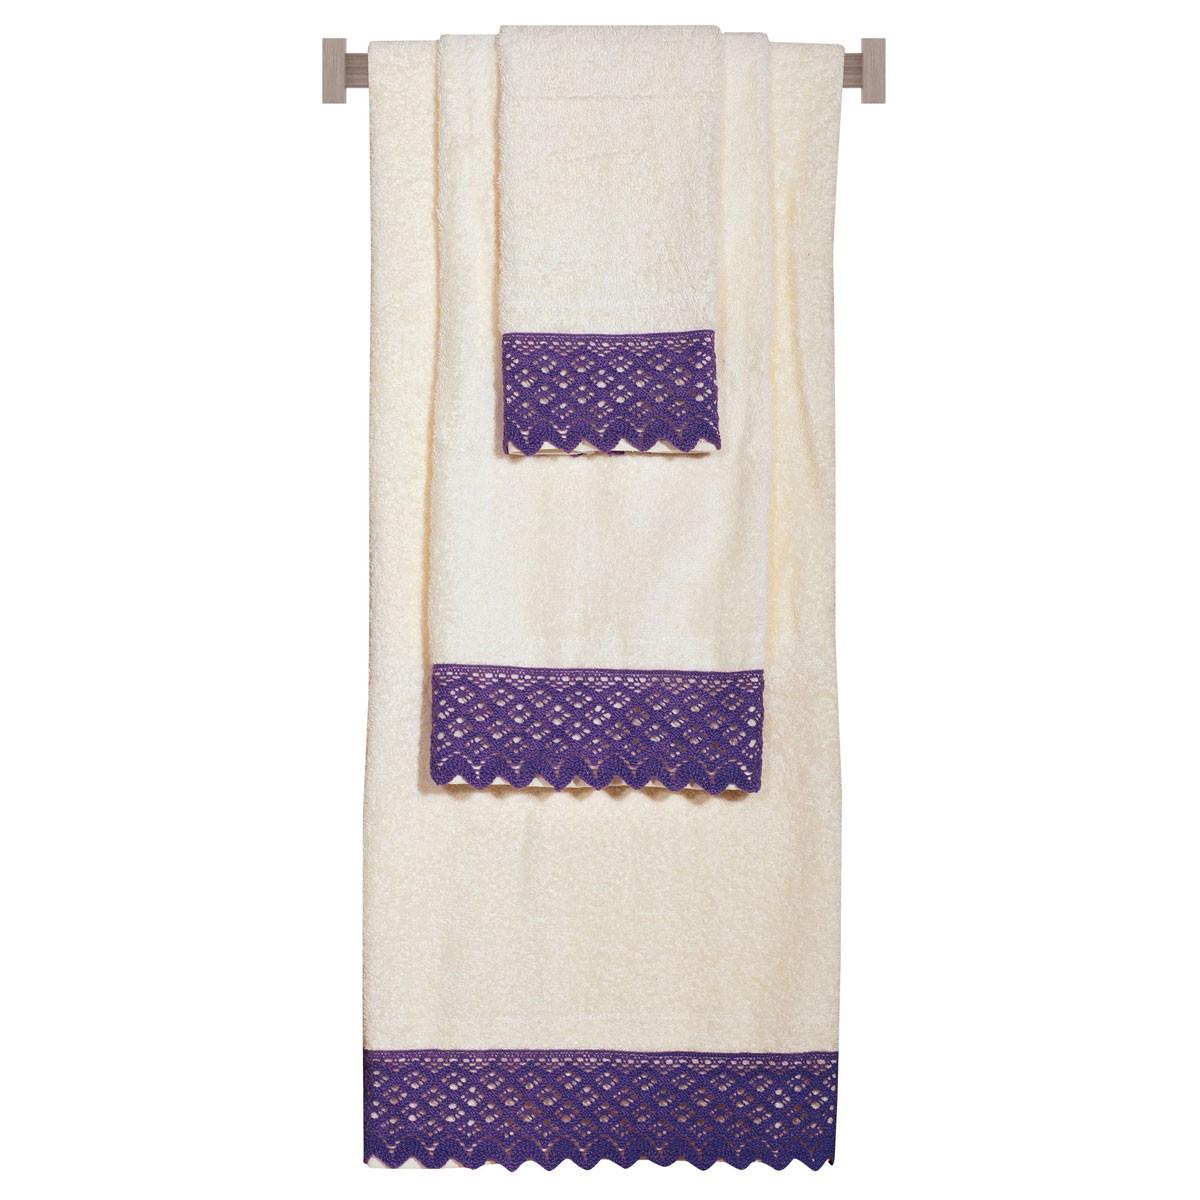 Πετσέτες Μπάνιου (Σετ 3τμχ) Das Home Daily 295